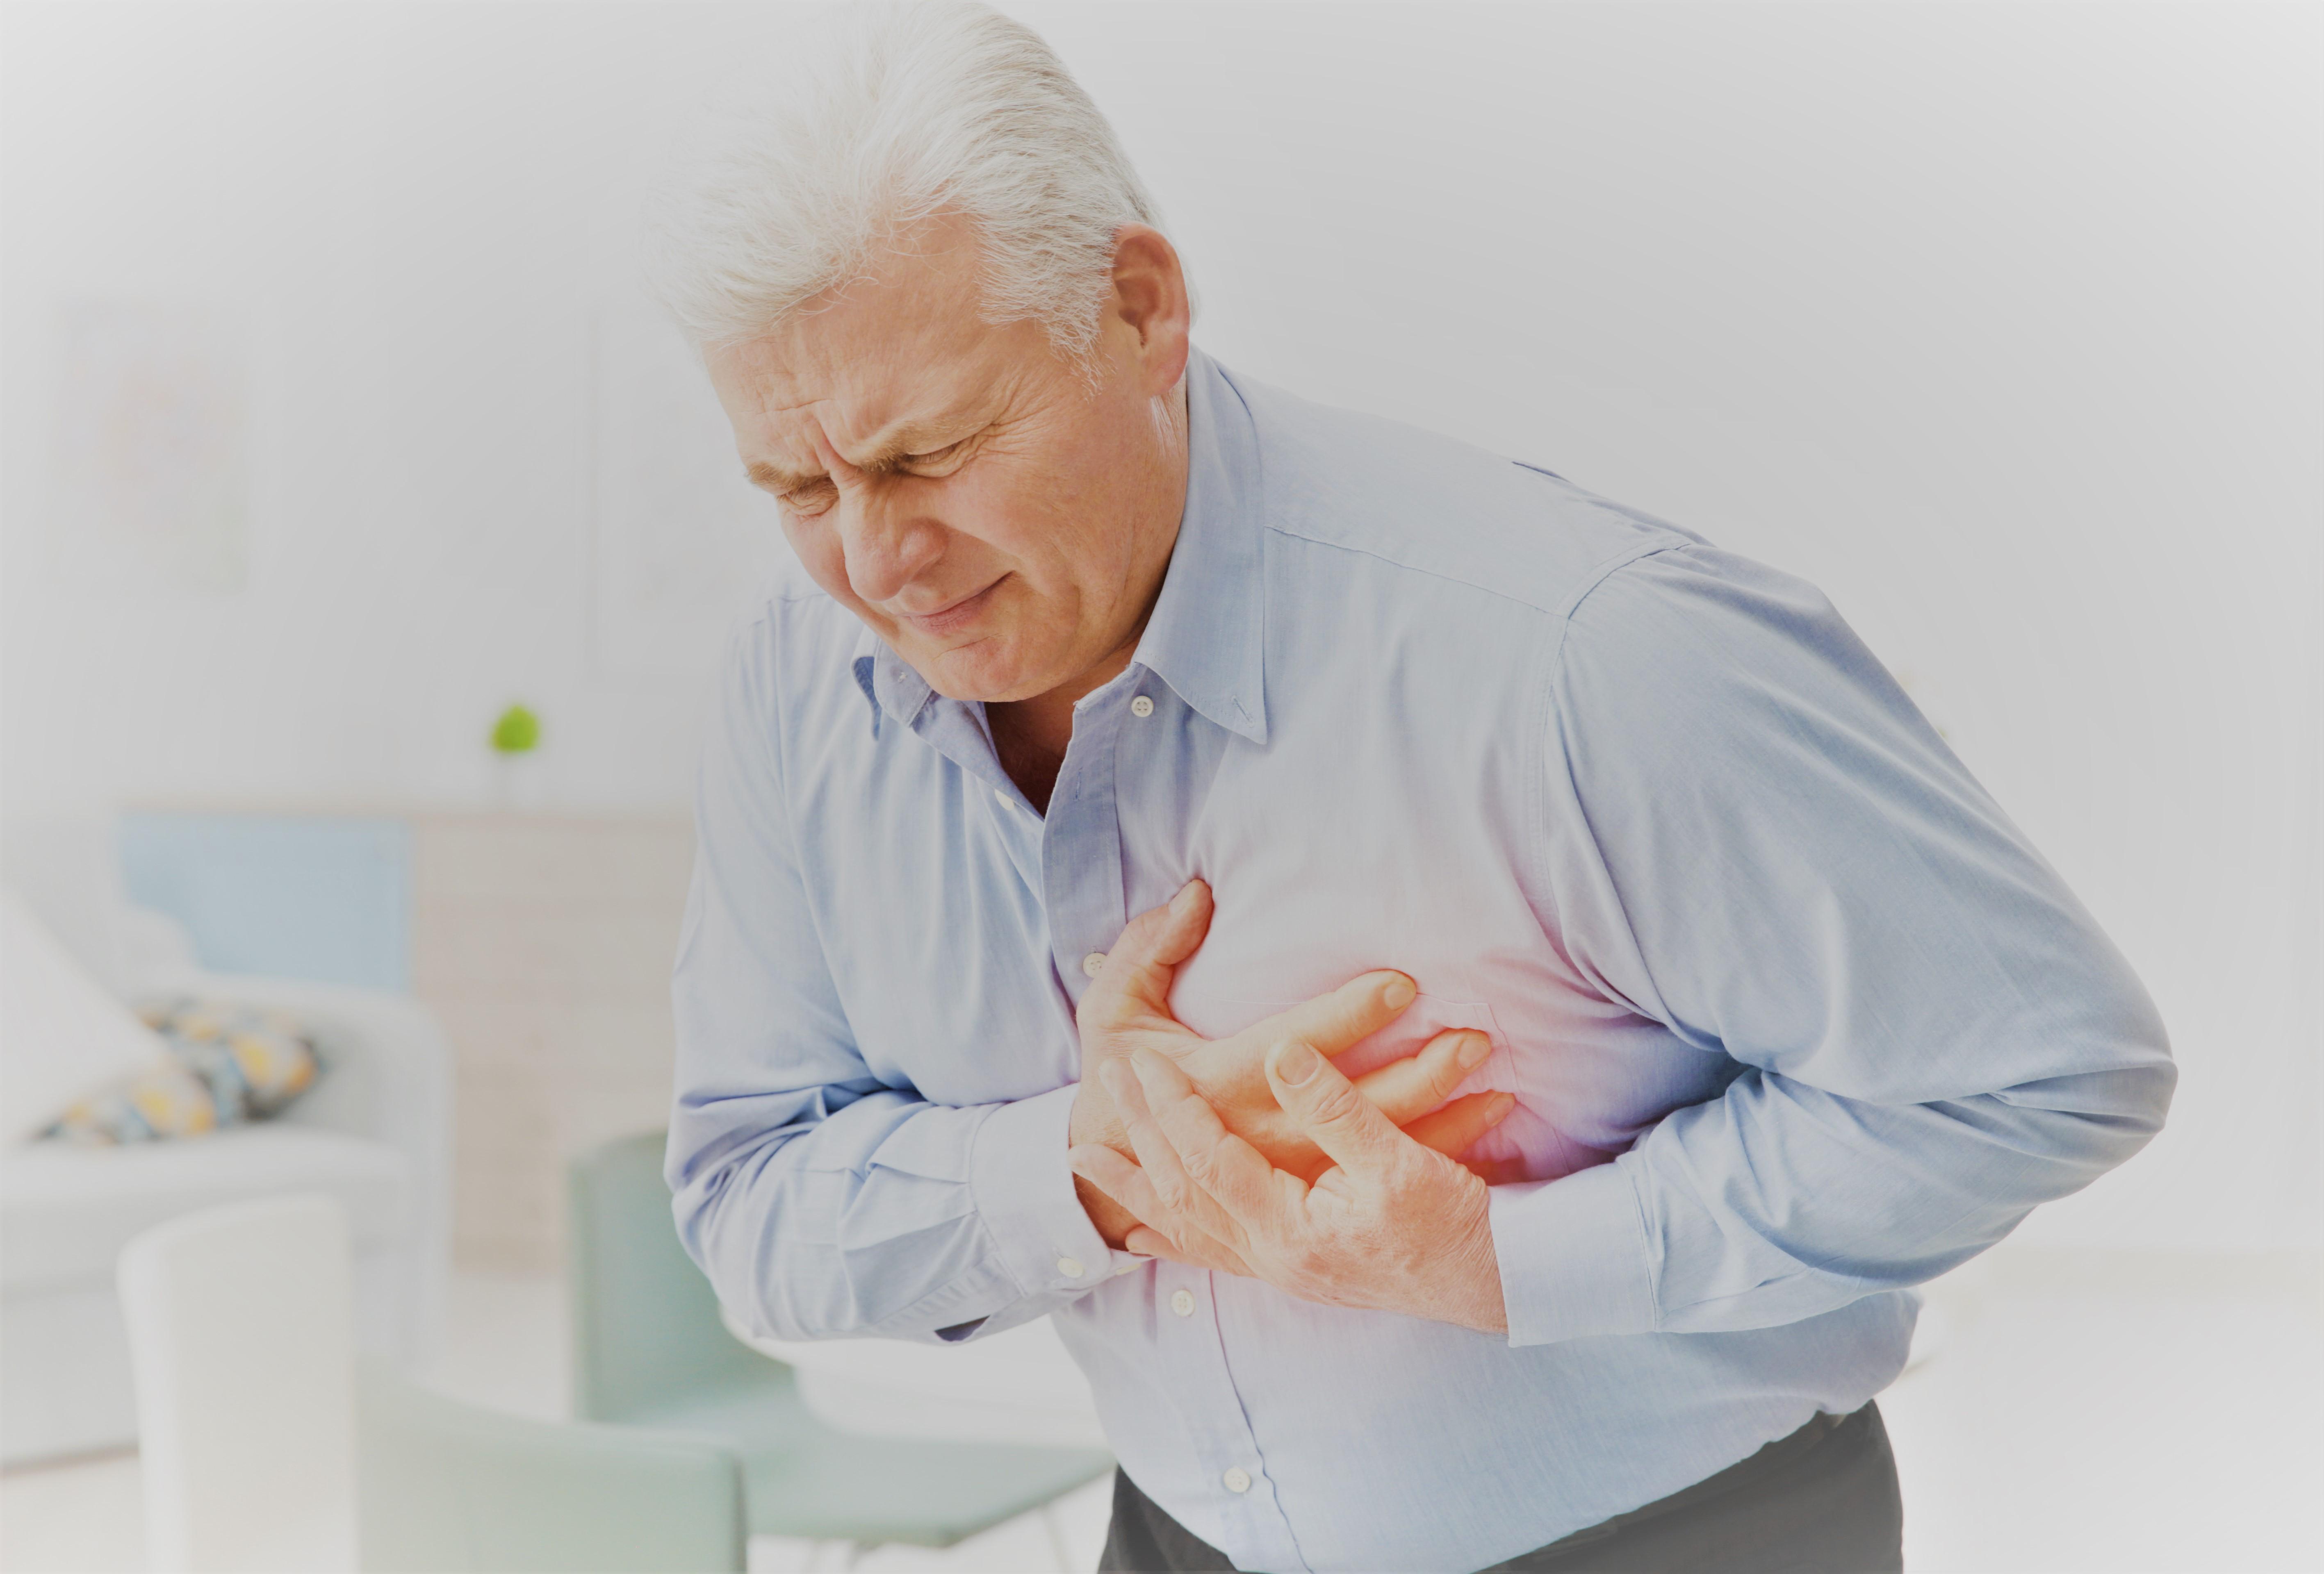 magas vérnyomás és szívfájdalom kezelése a vesék magas vérnyomásával járó gyógyszerek